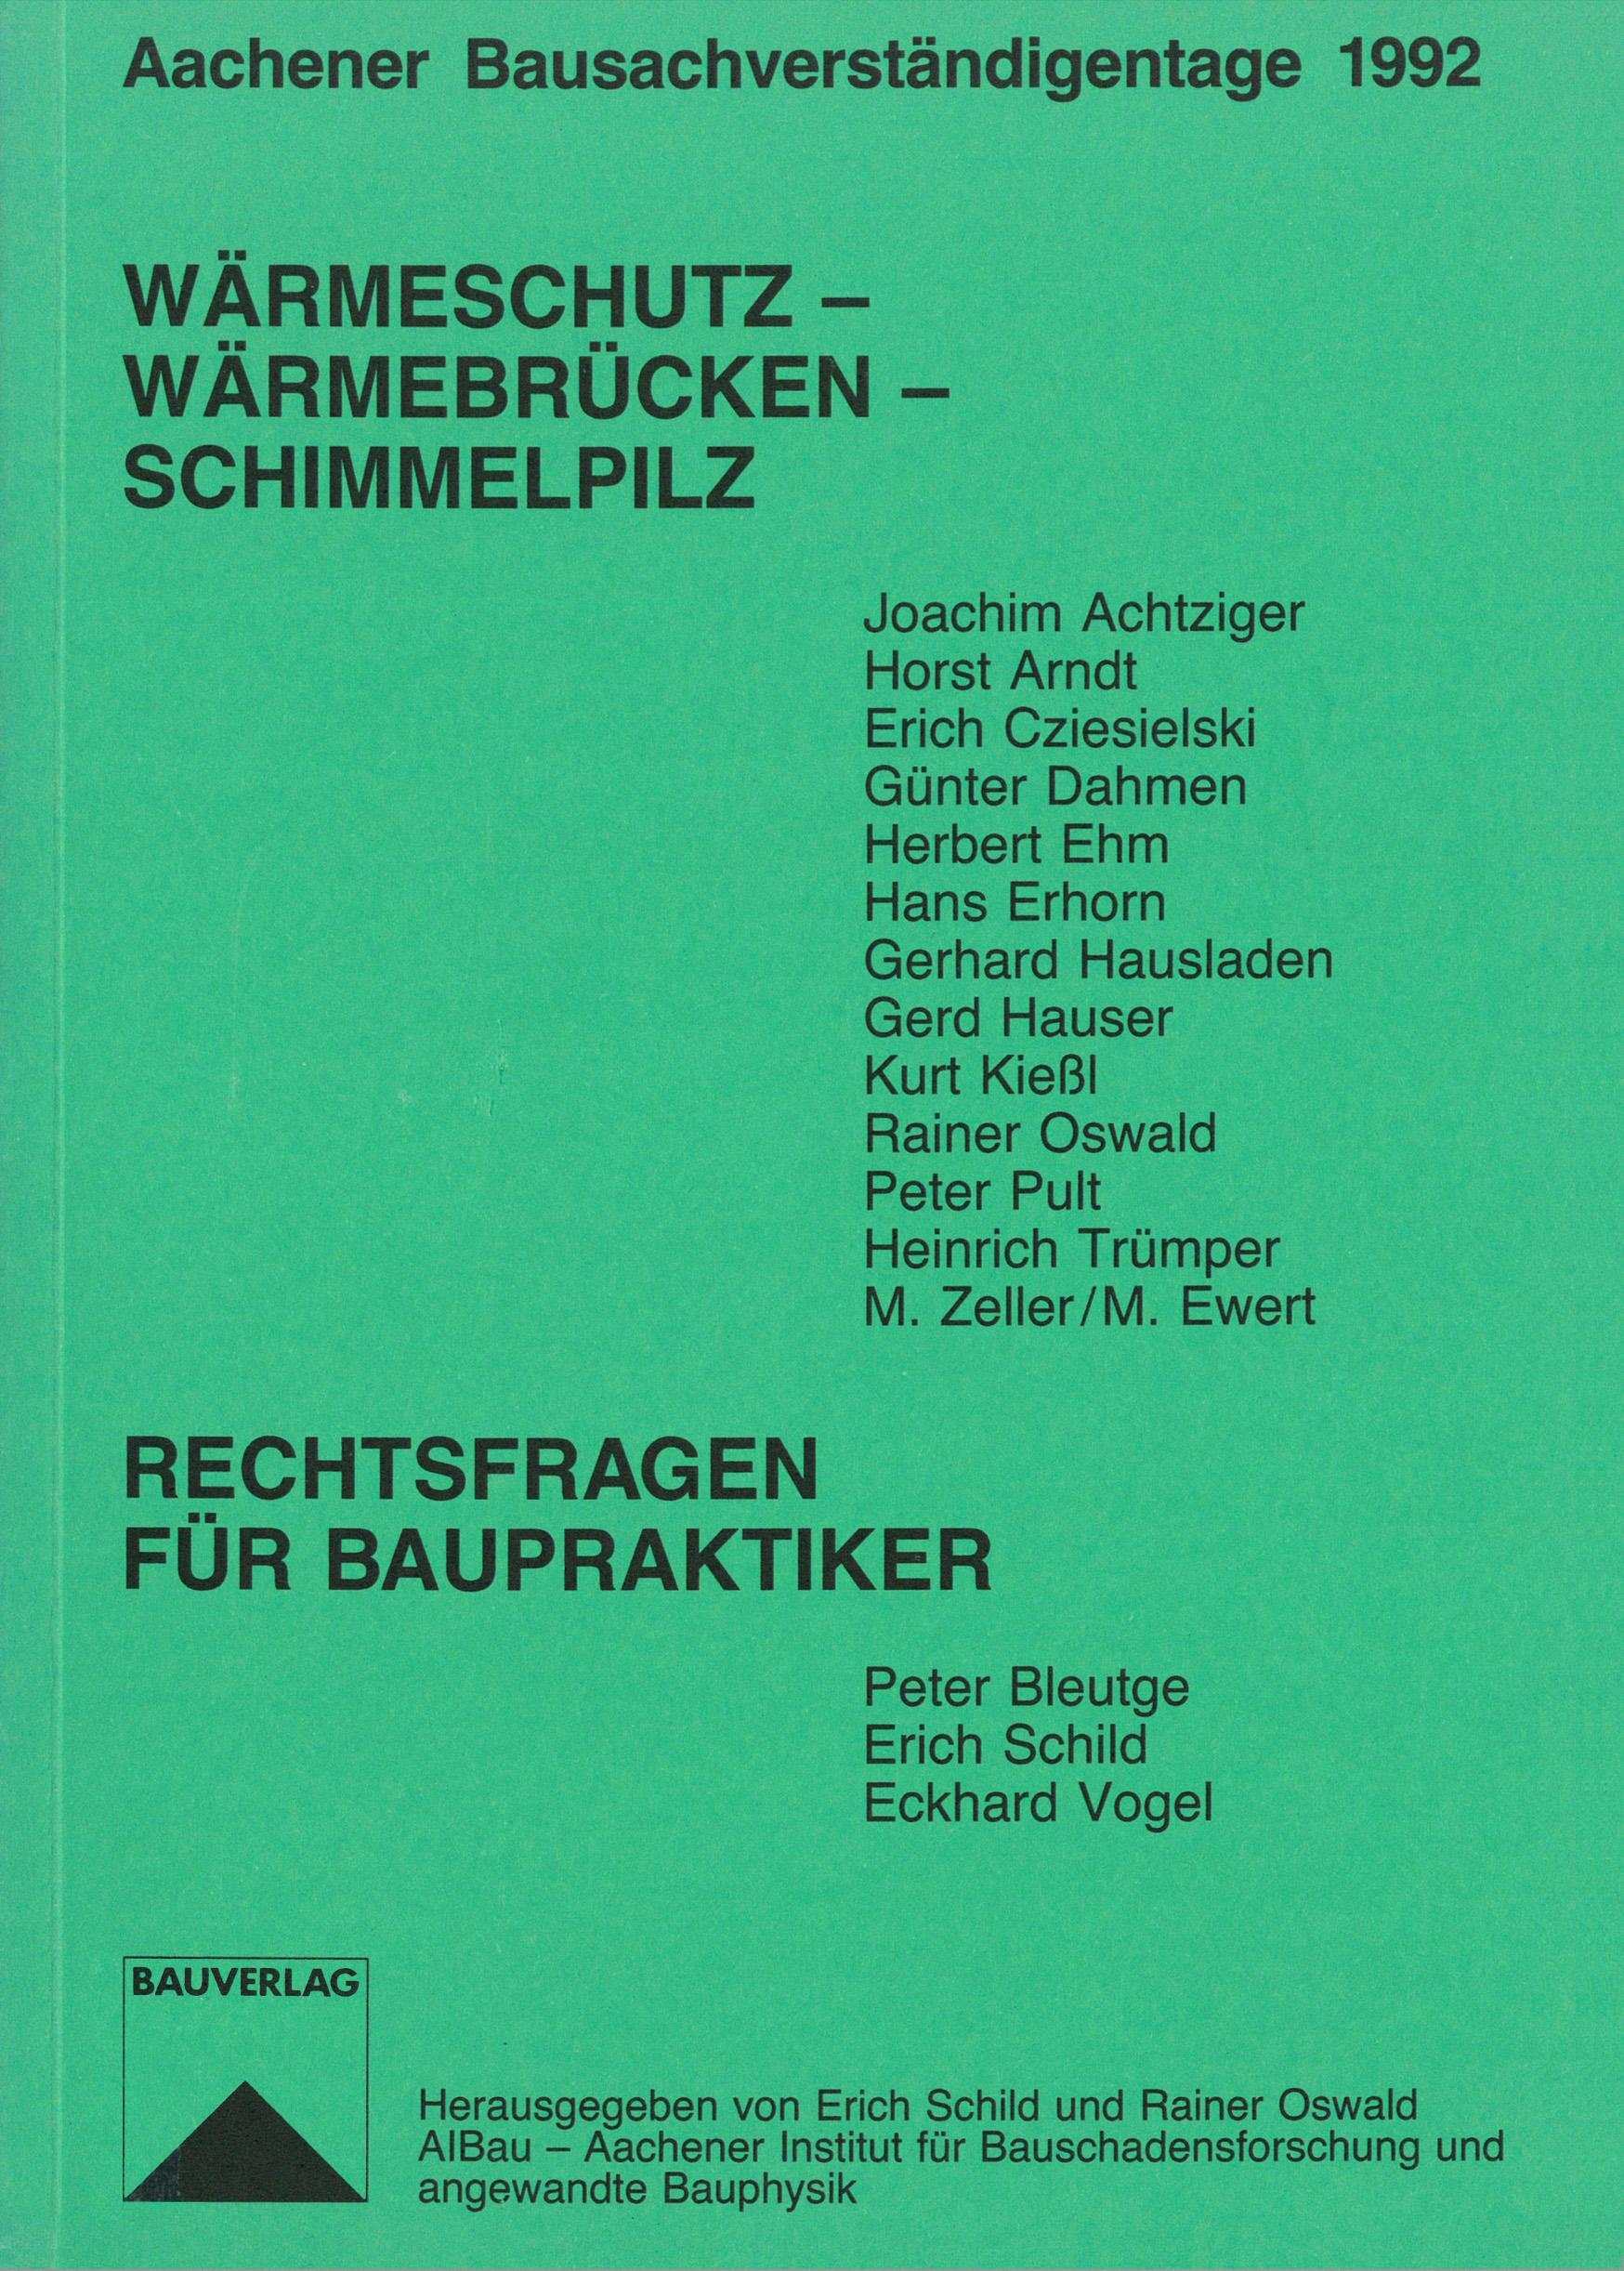 Wärmeschutz – Wärmebrücken – Schimmelpilz